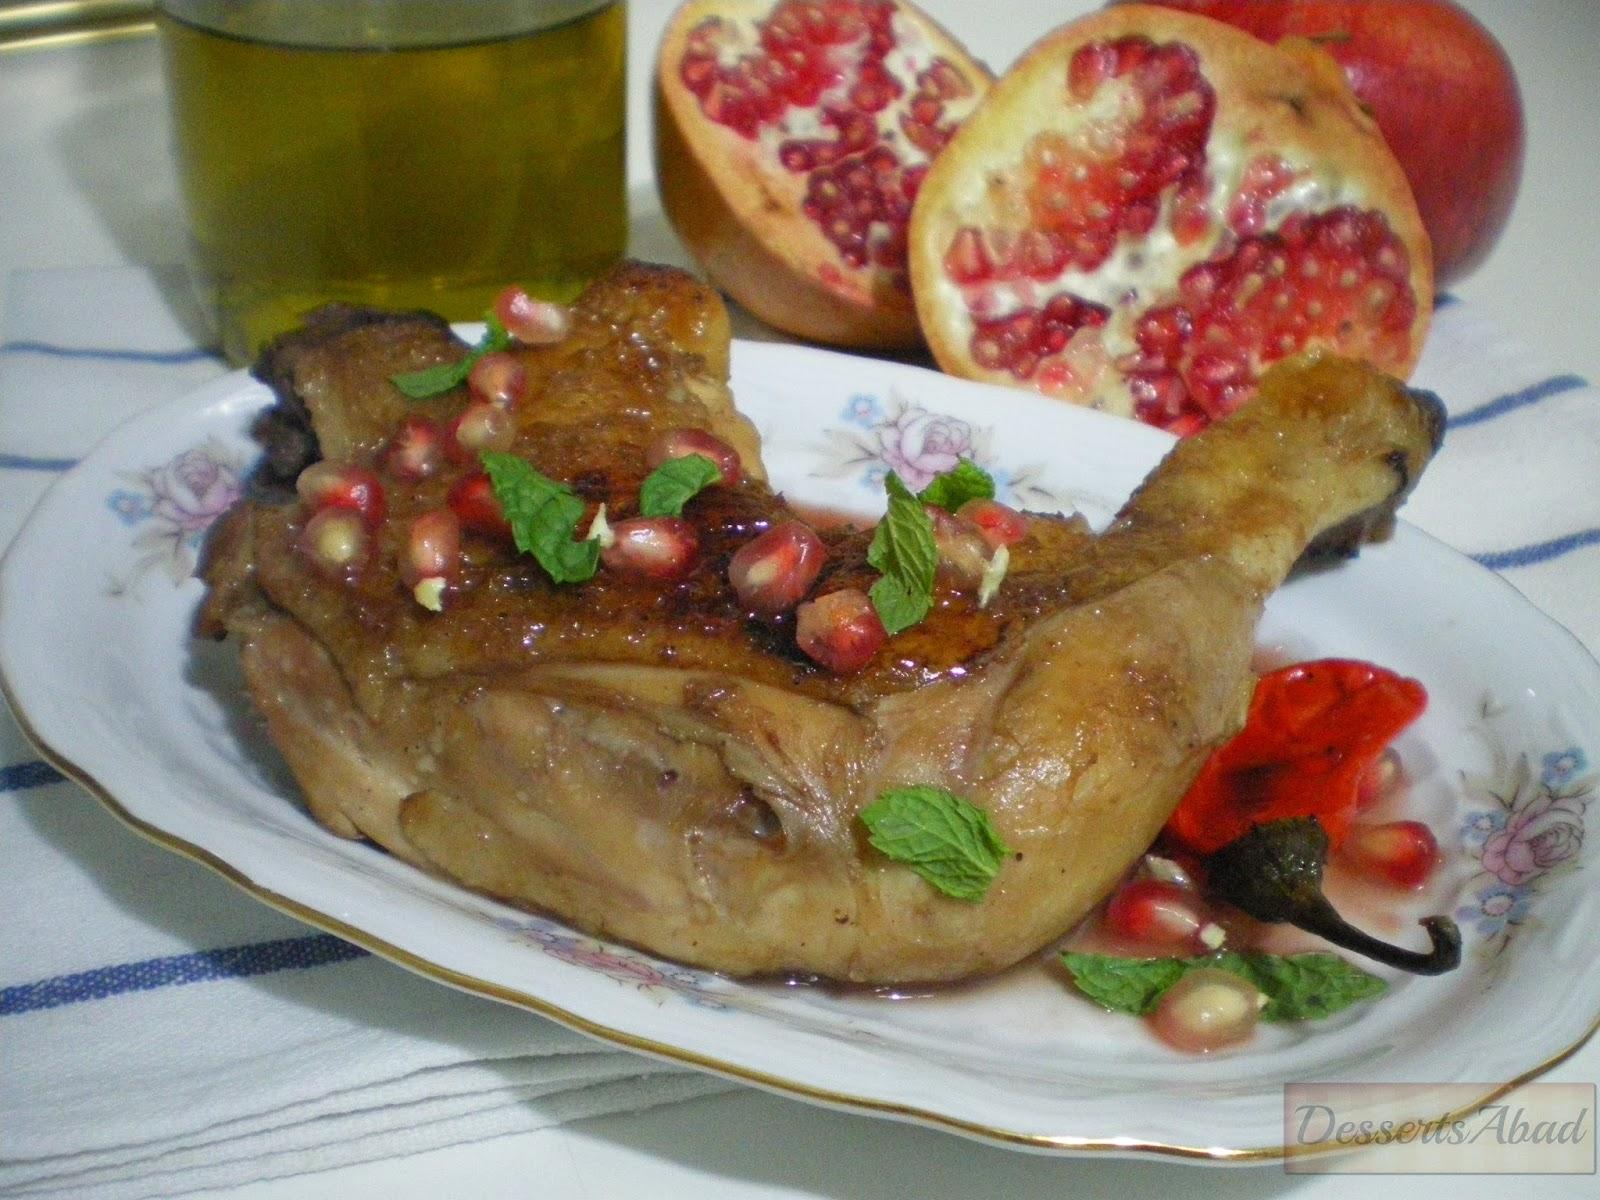 Muslo de pollo con salsa de granada